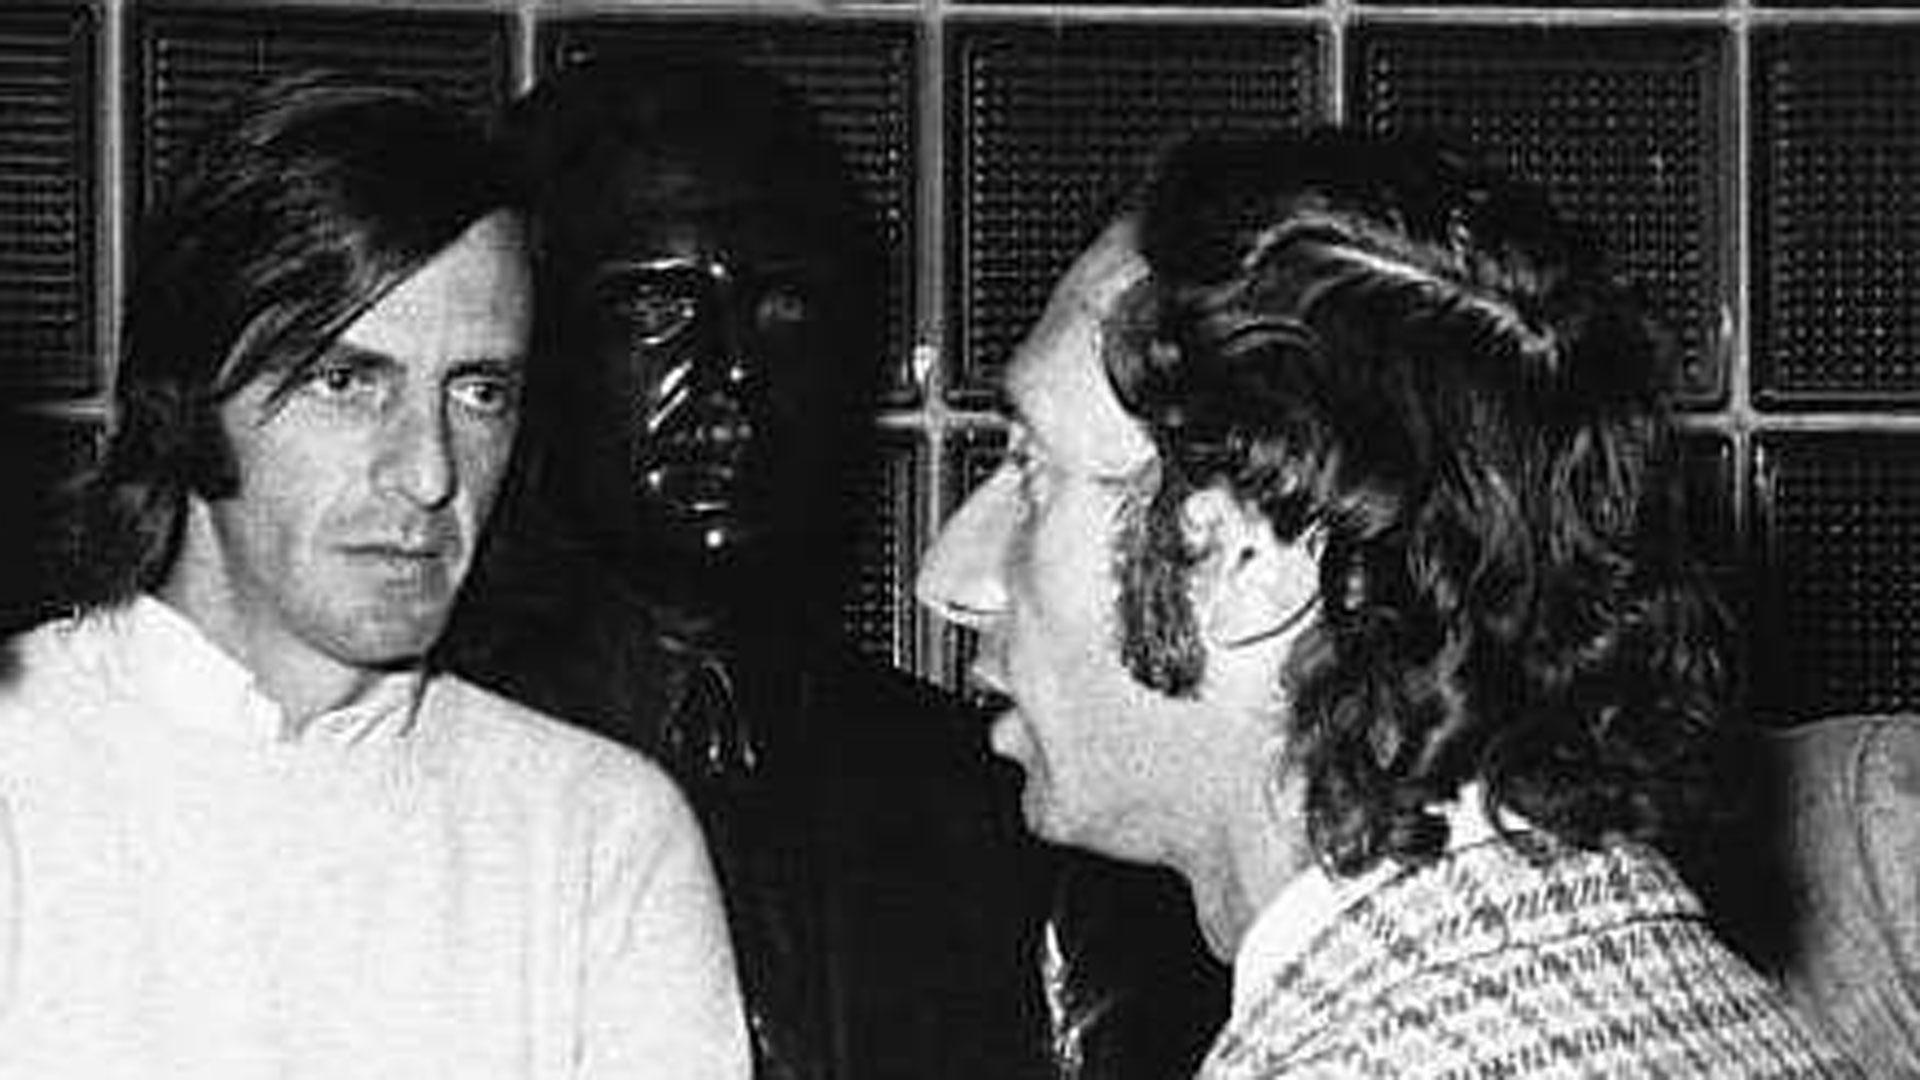 Menotti y Bilardo, en la transición post Mundial 82, cuando entre ellos había diálogo (Foto: Marca)